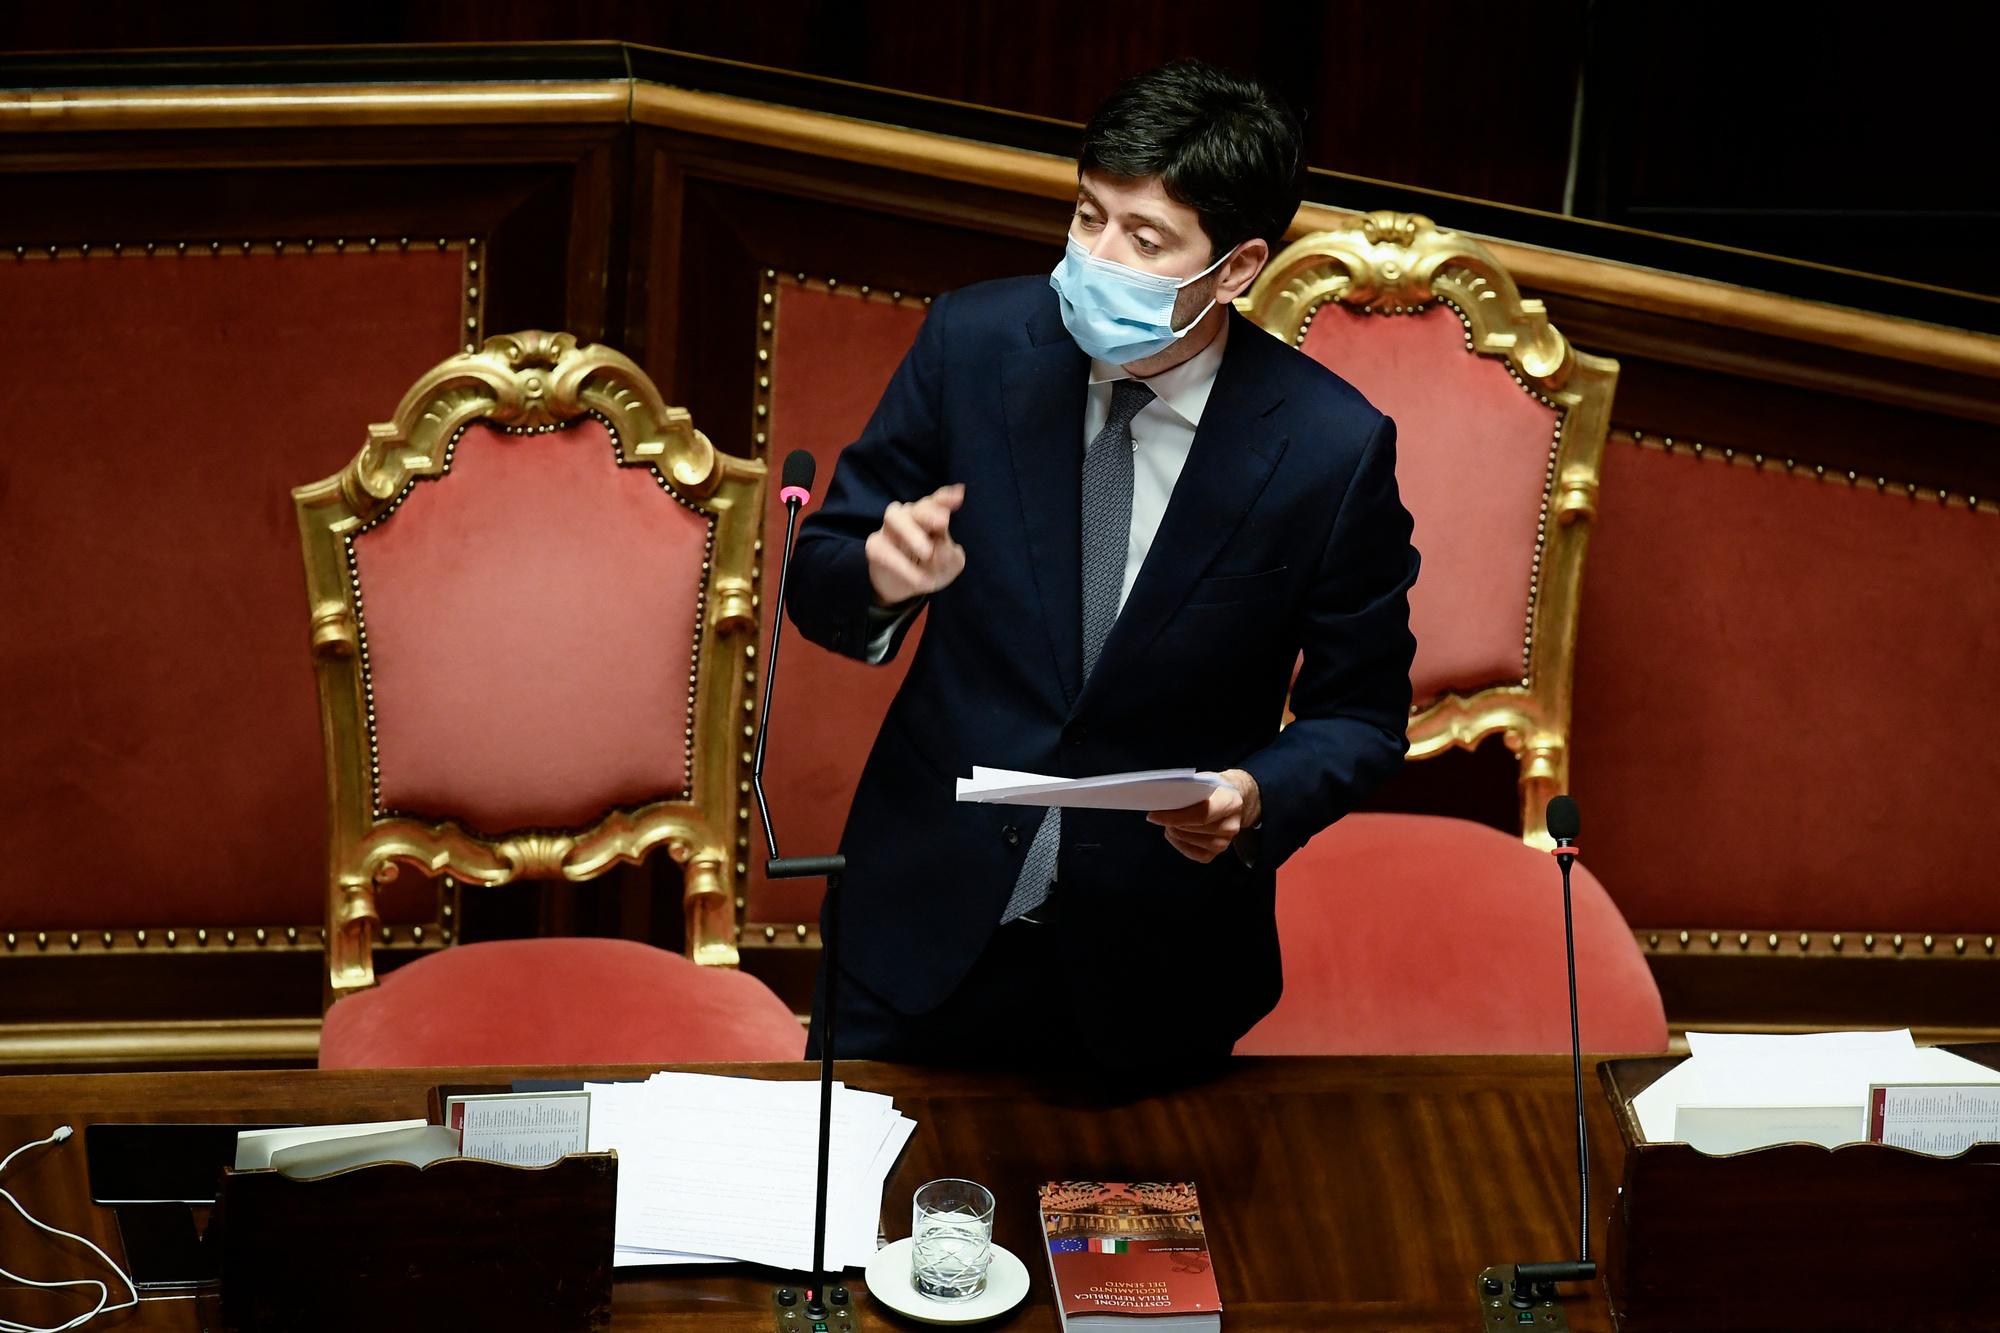 Roberto Speranza, Filippo MONTEFORTE / AFP